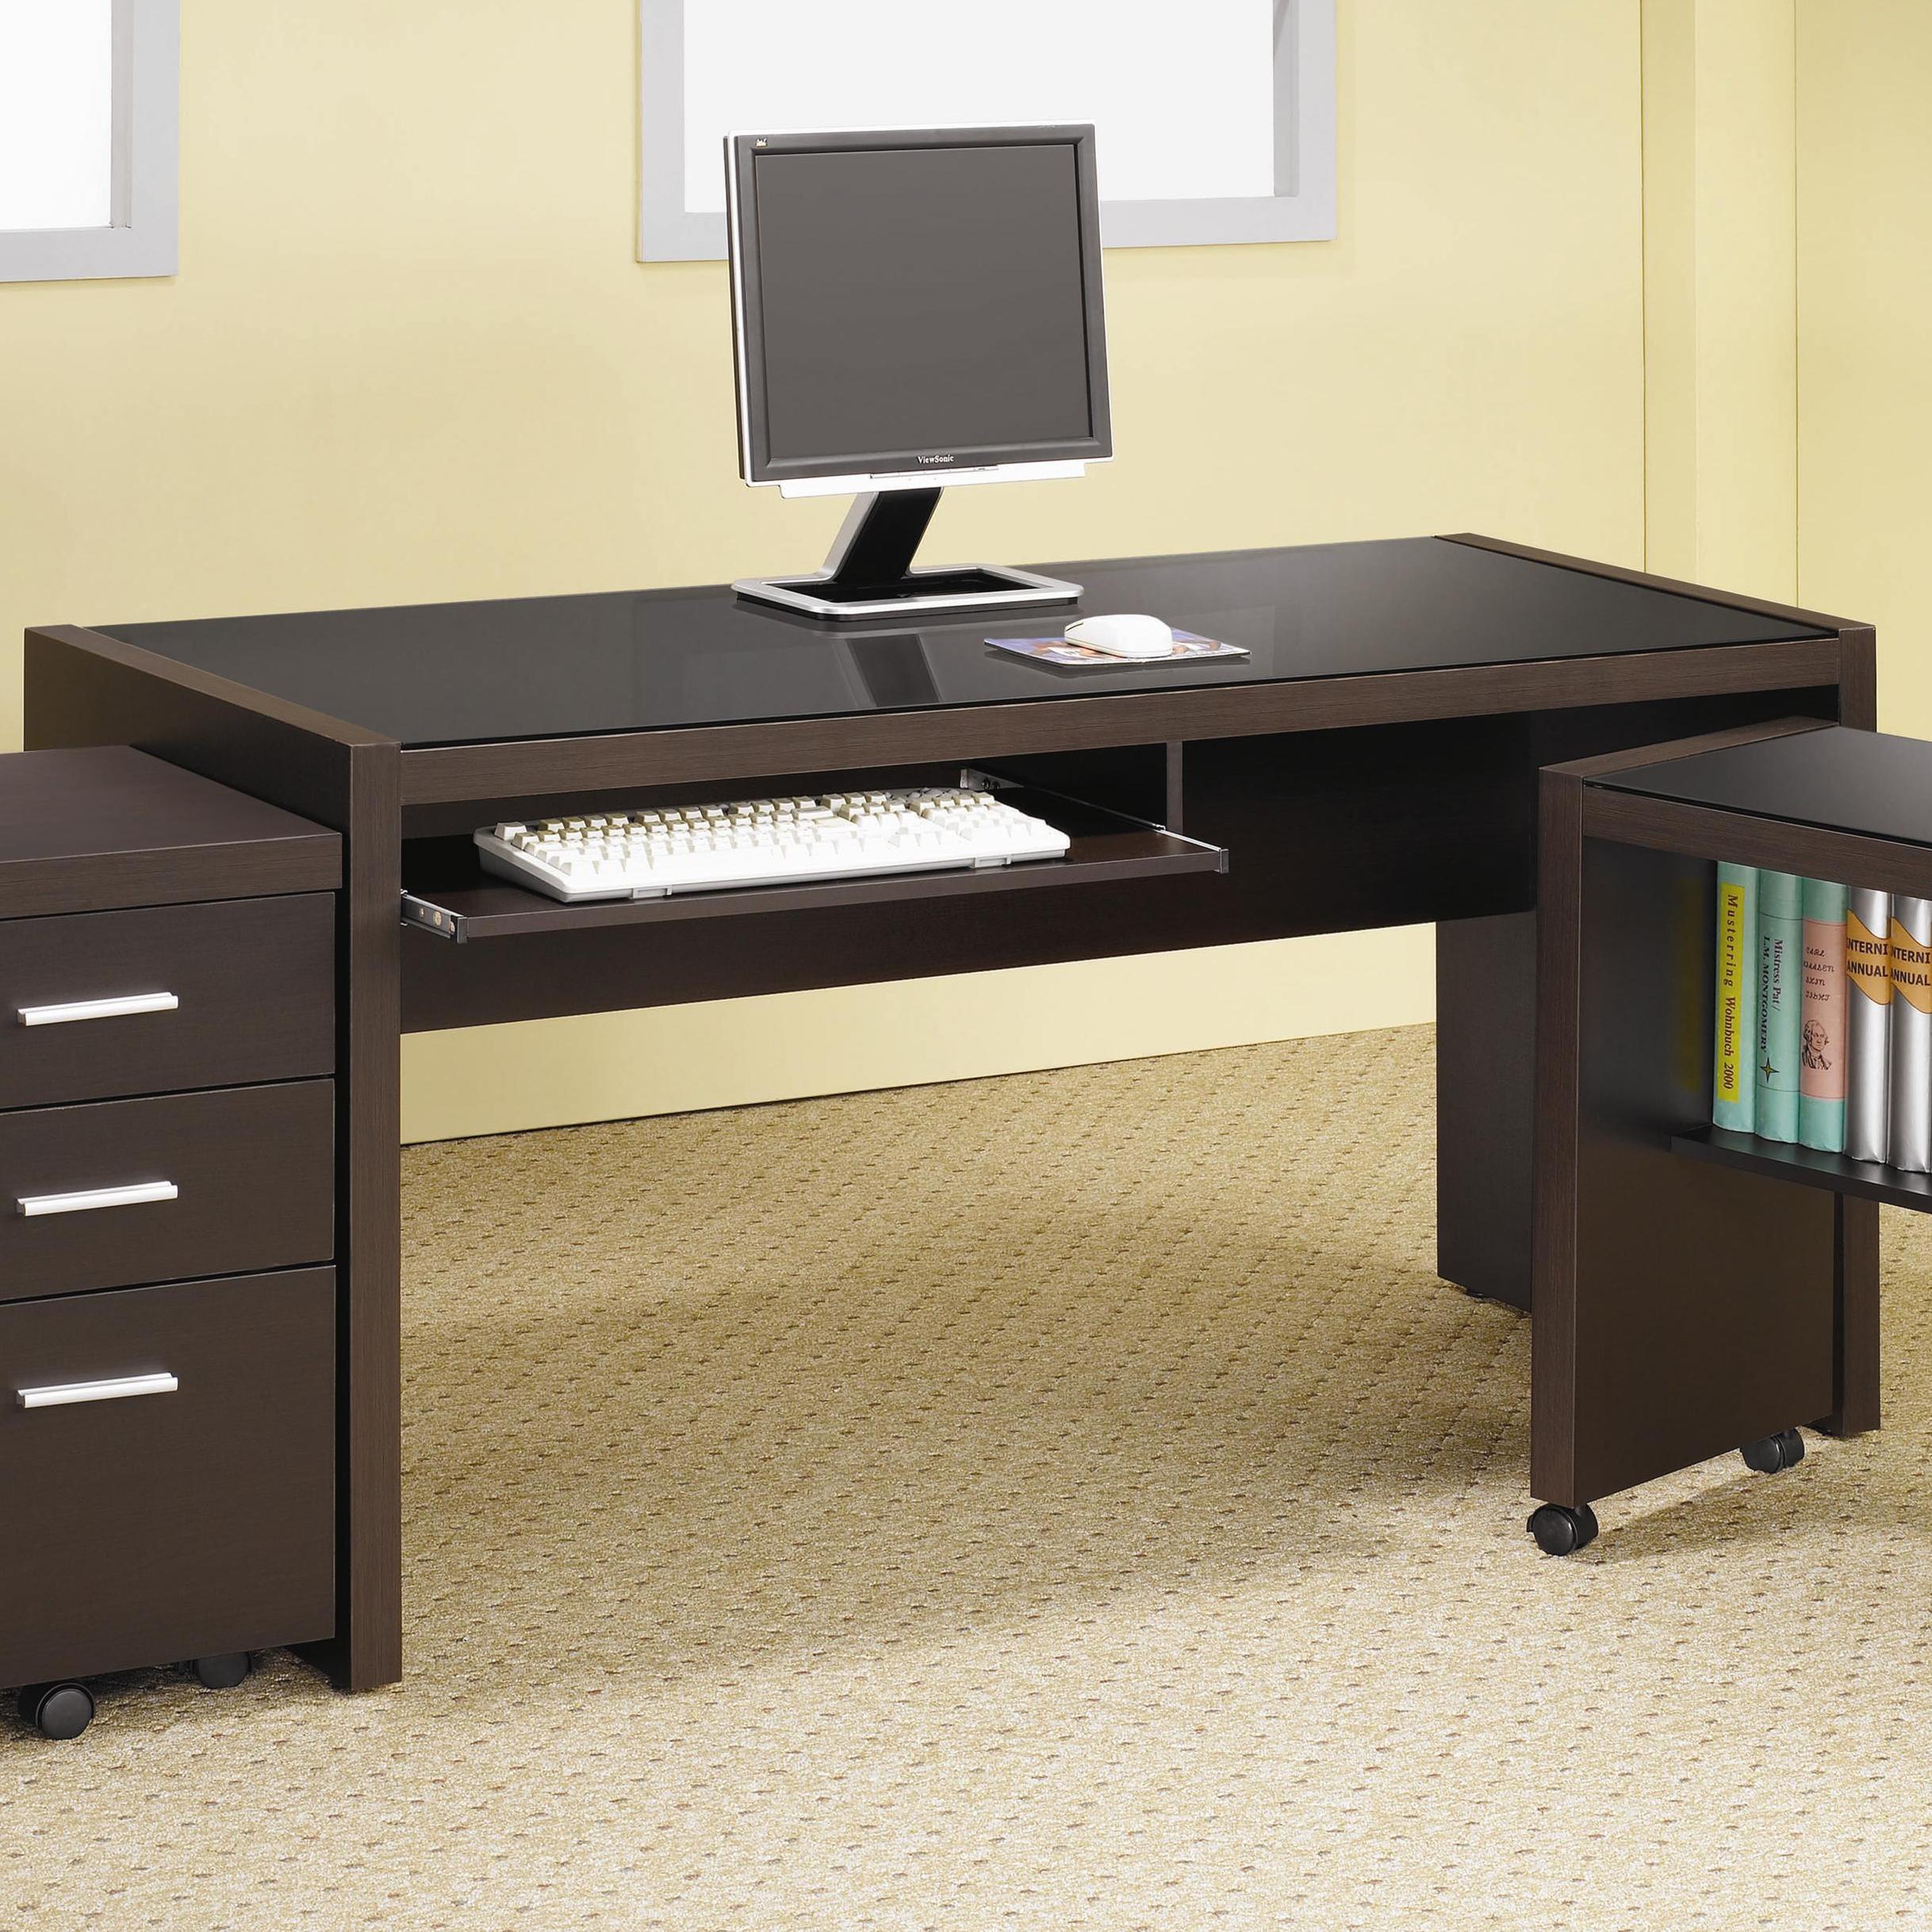 Skylar Computer Desk by Coaster at Sam Levitz Outlet